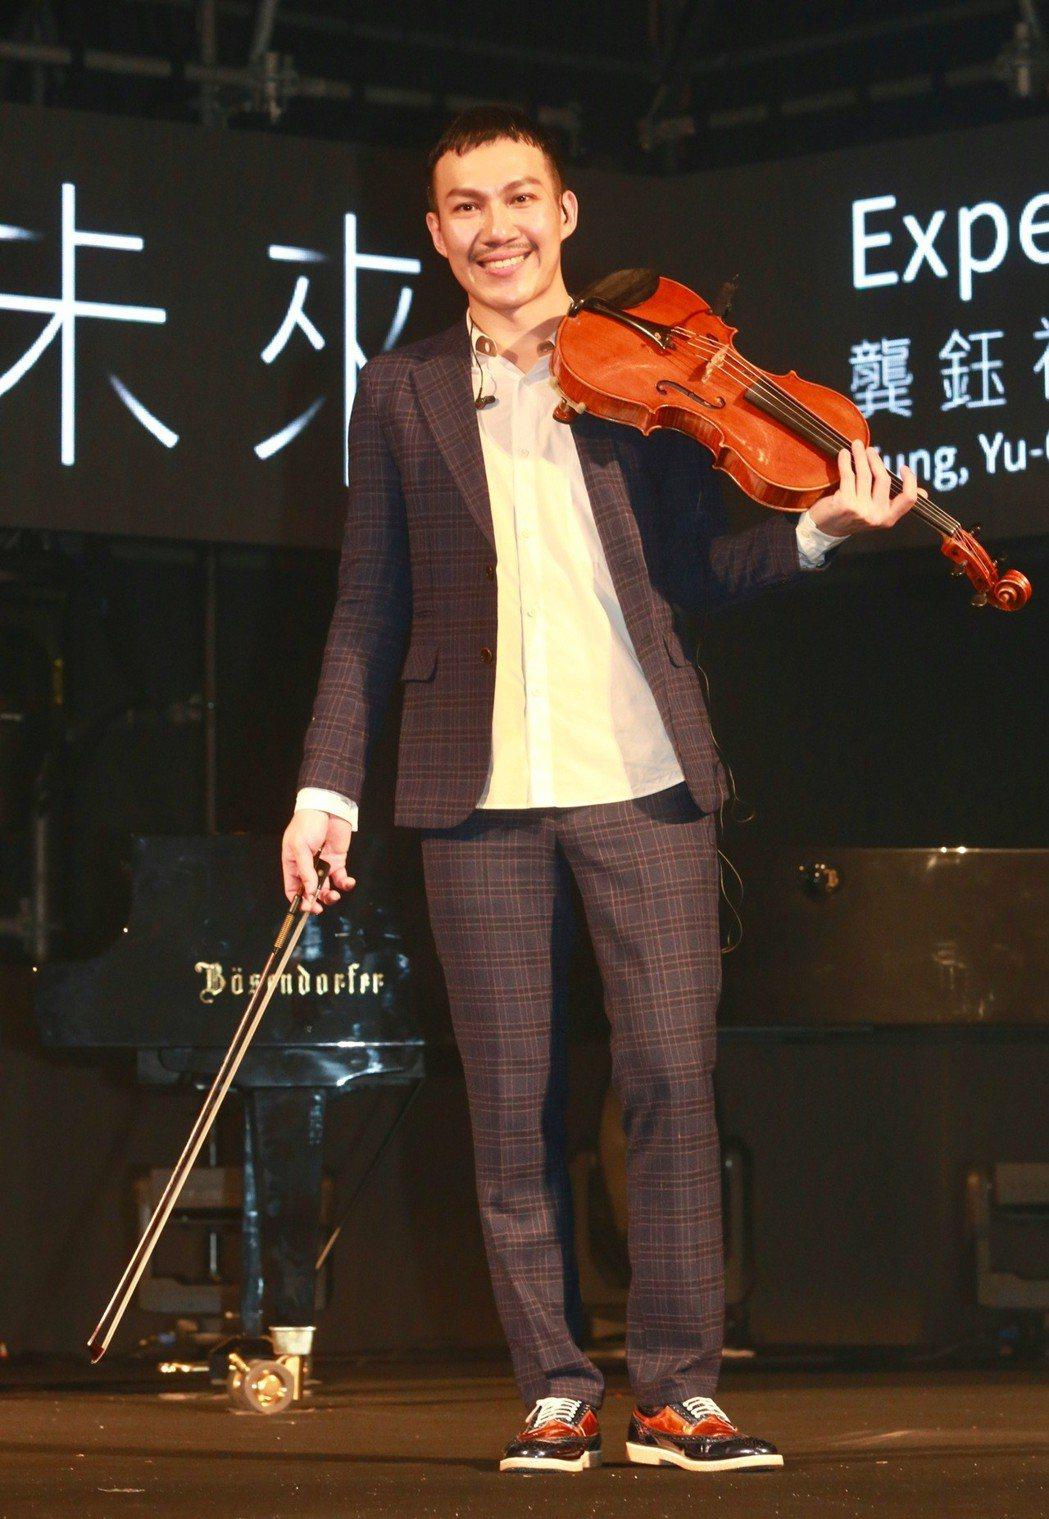 蘇打綠阿龔(龔鈺琪)晚上將舉辦個人首場音樂會「預期未來龔裕祺創作音樂會」。記者黃...